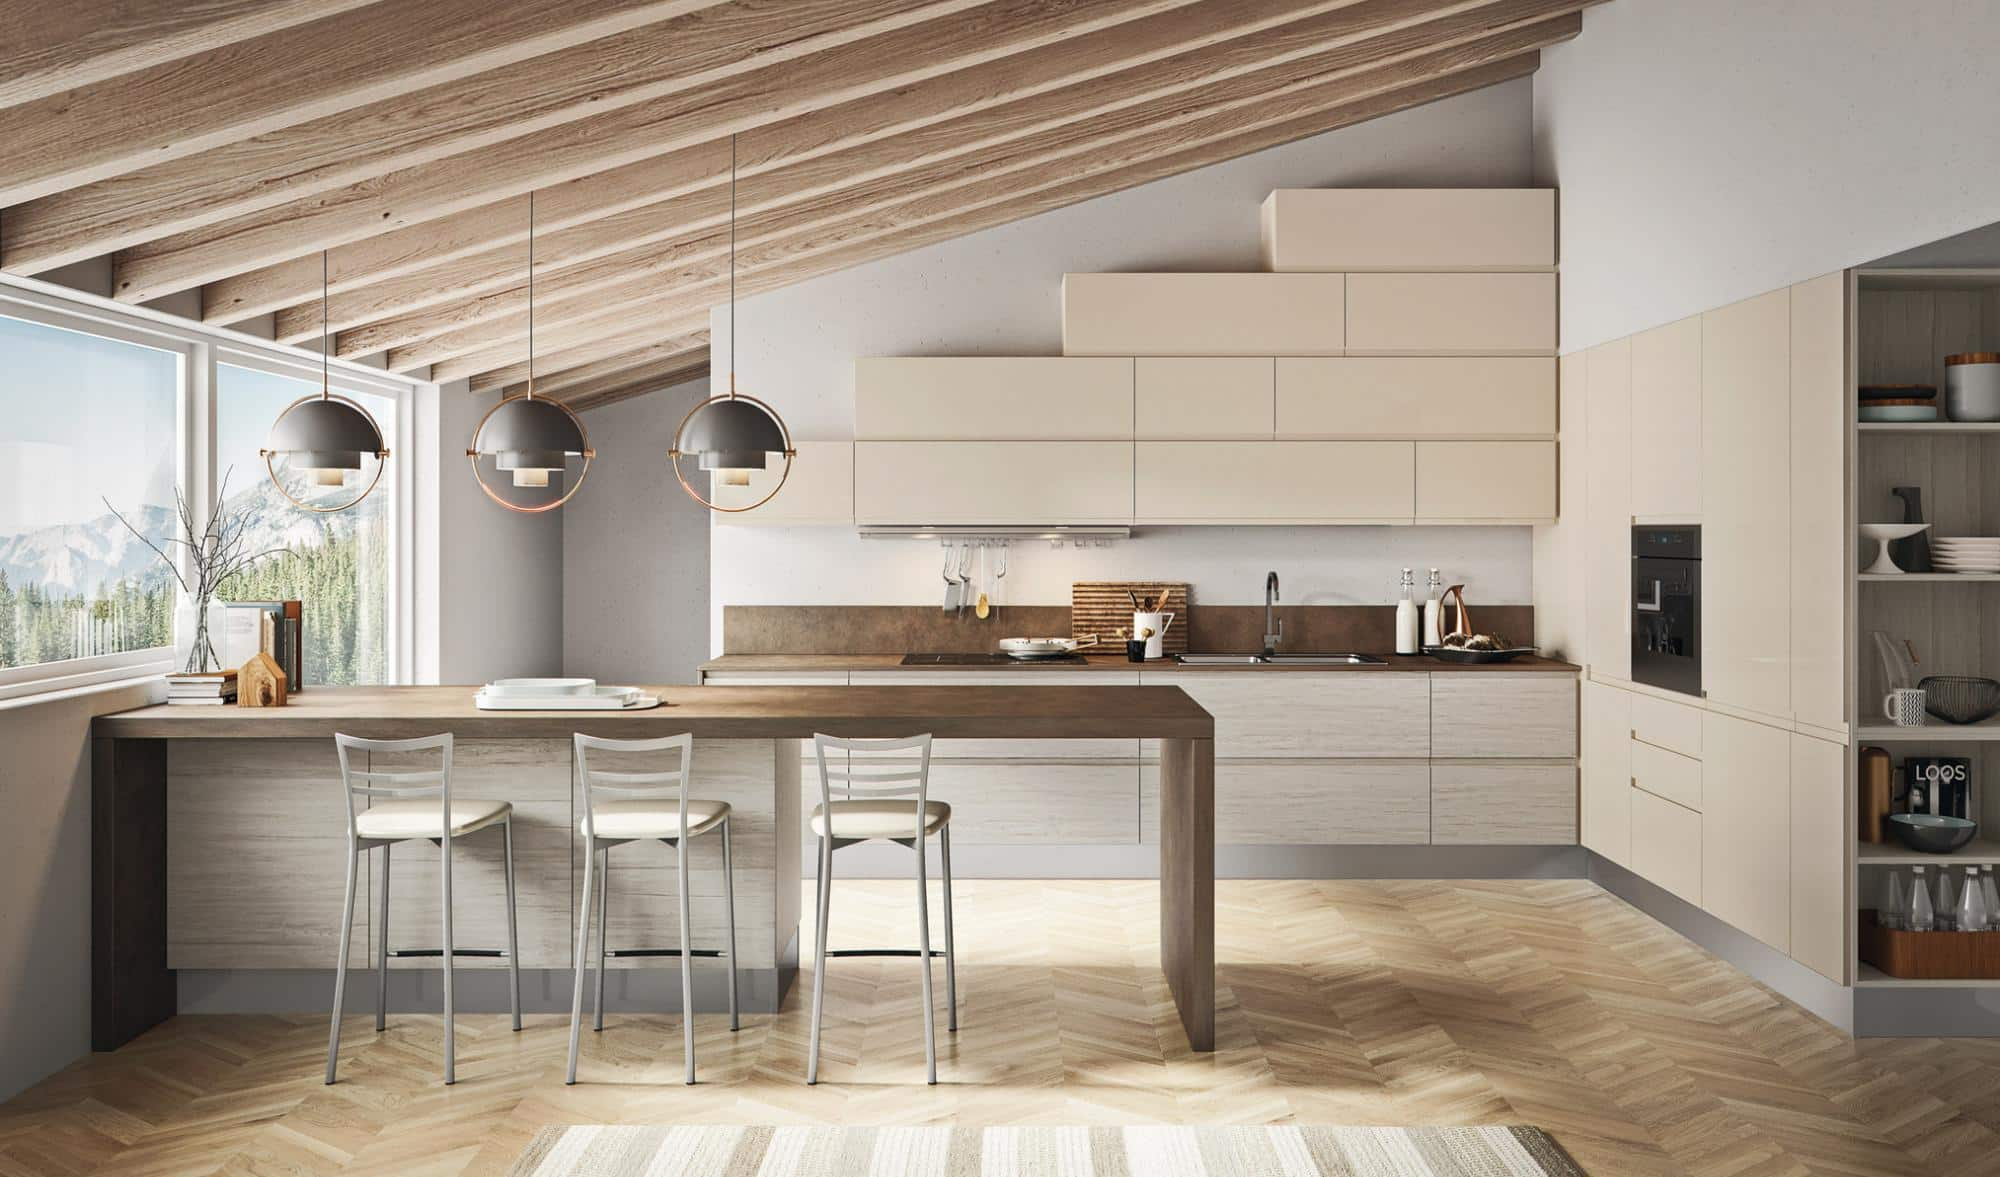 Πολυμερικη κουζινα μπεζ της αμμου με ενσωματωμενη λαβη